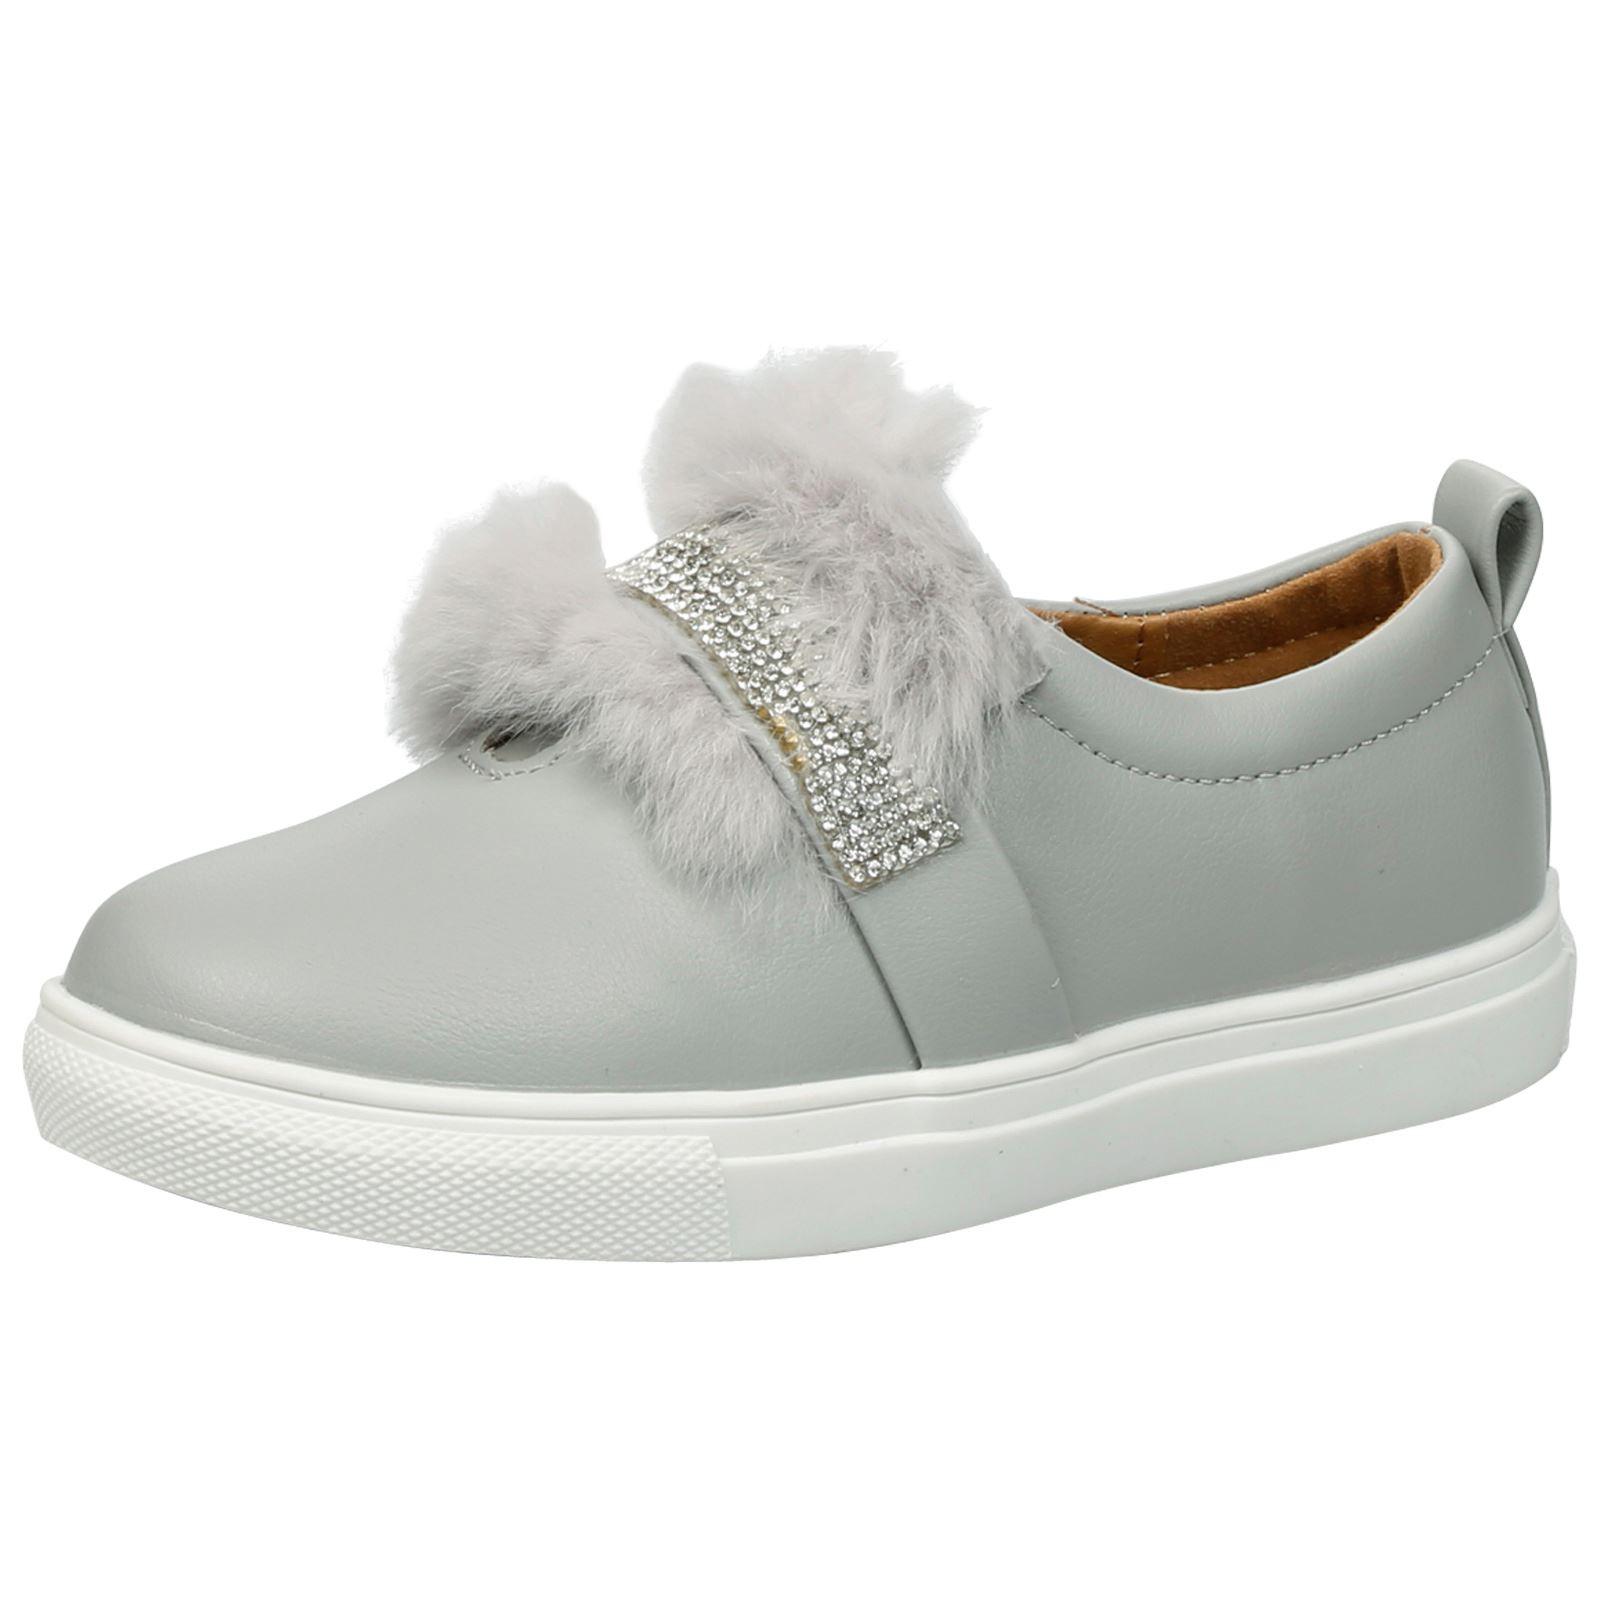 Niños Niñas Niños Zapatillas Plimsolls Zapatillas Bombas Zapatos De Piel Diamante Tamaño